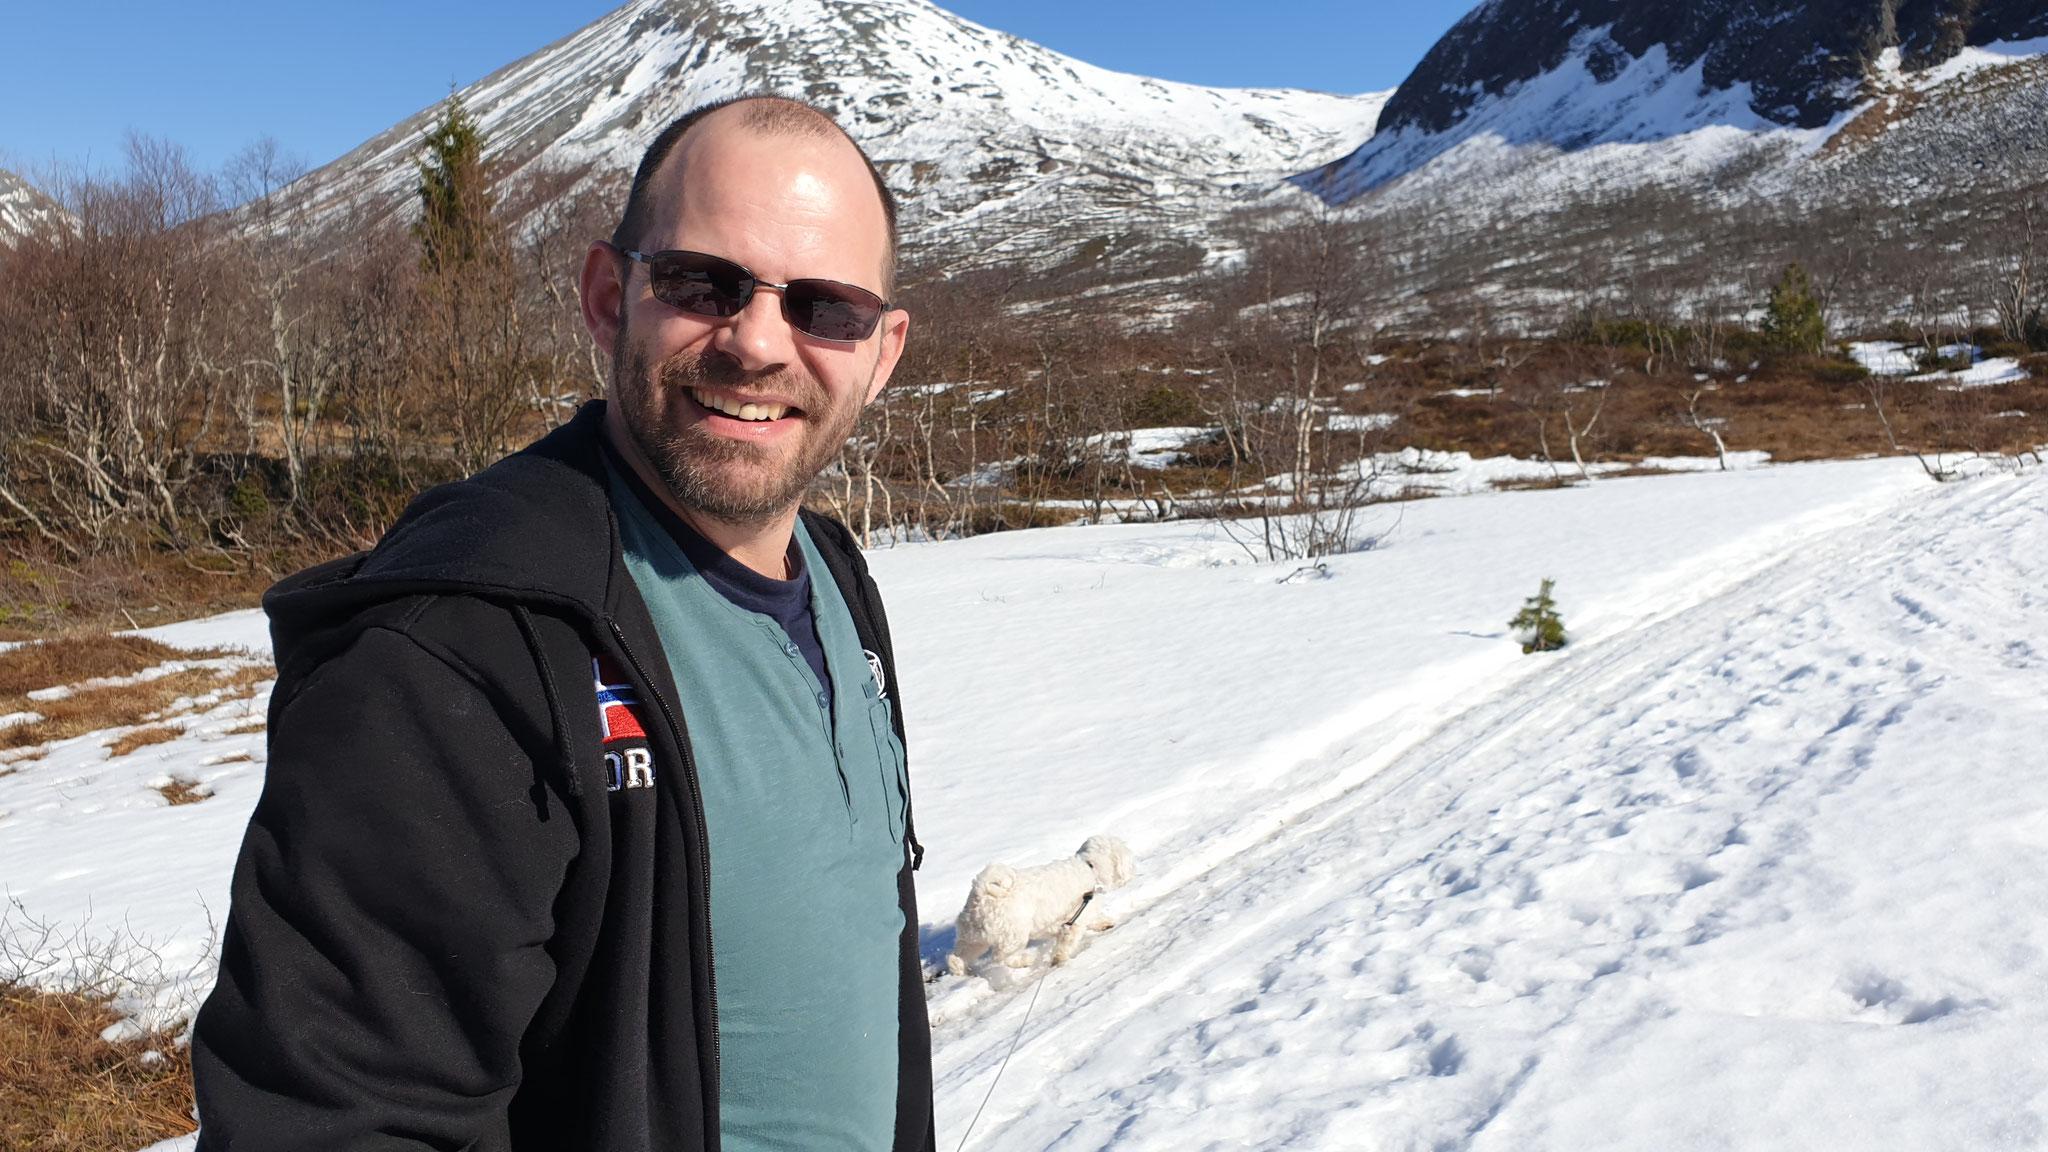 Daniel im Schnee...